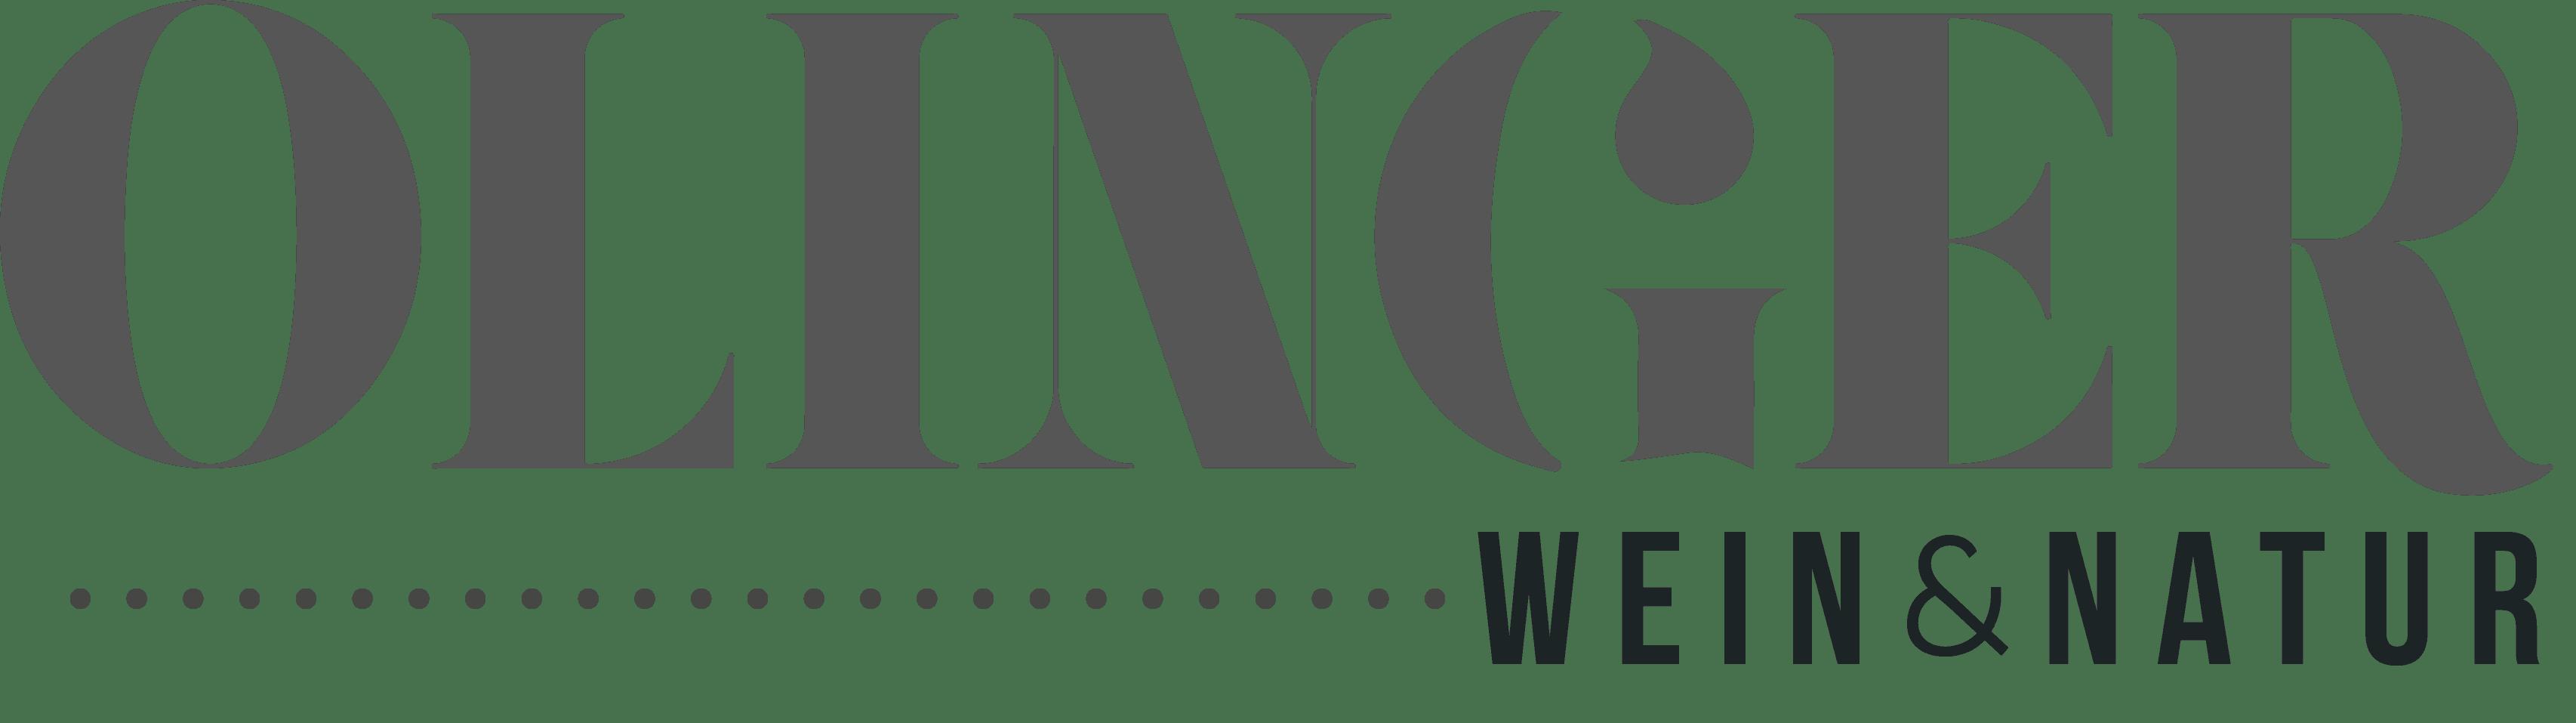 Olinger_Wein logo